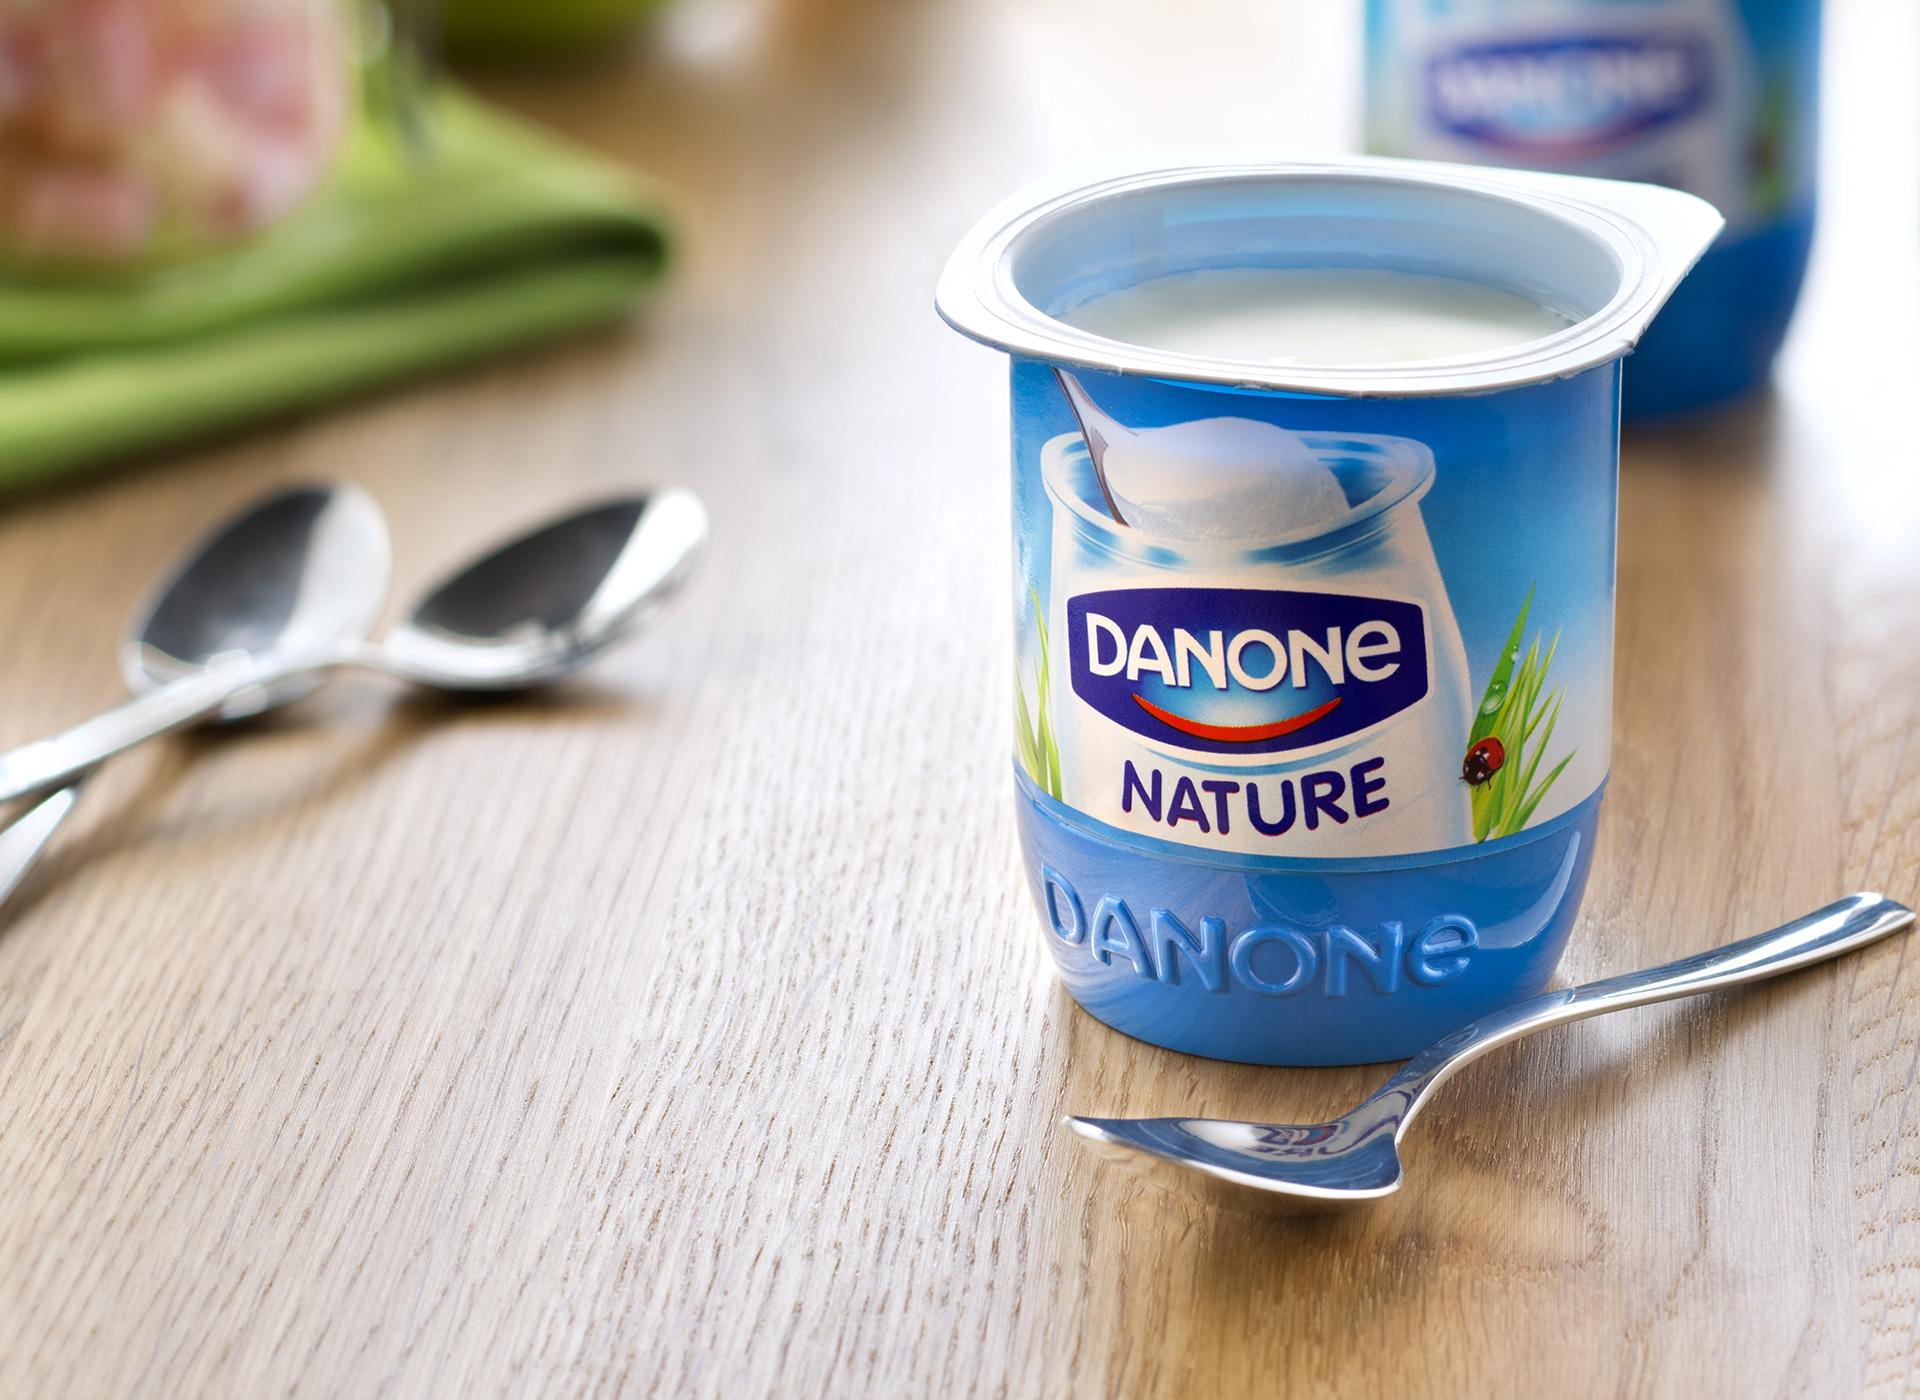 20zł na jogurty Danone z dowolnego sklepu